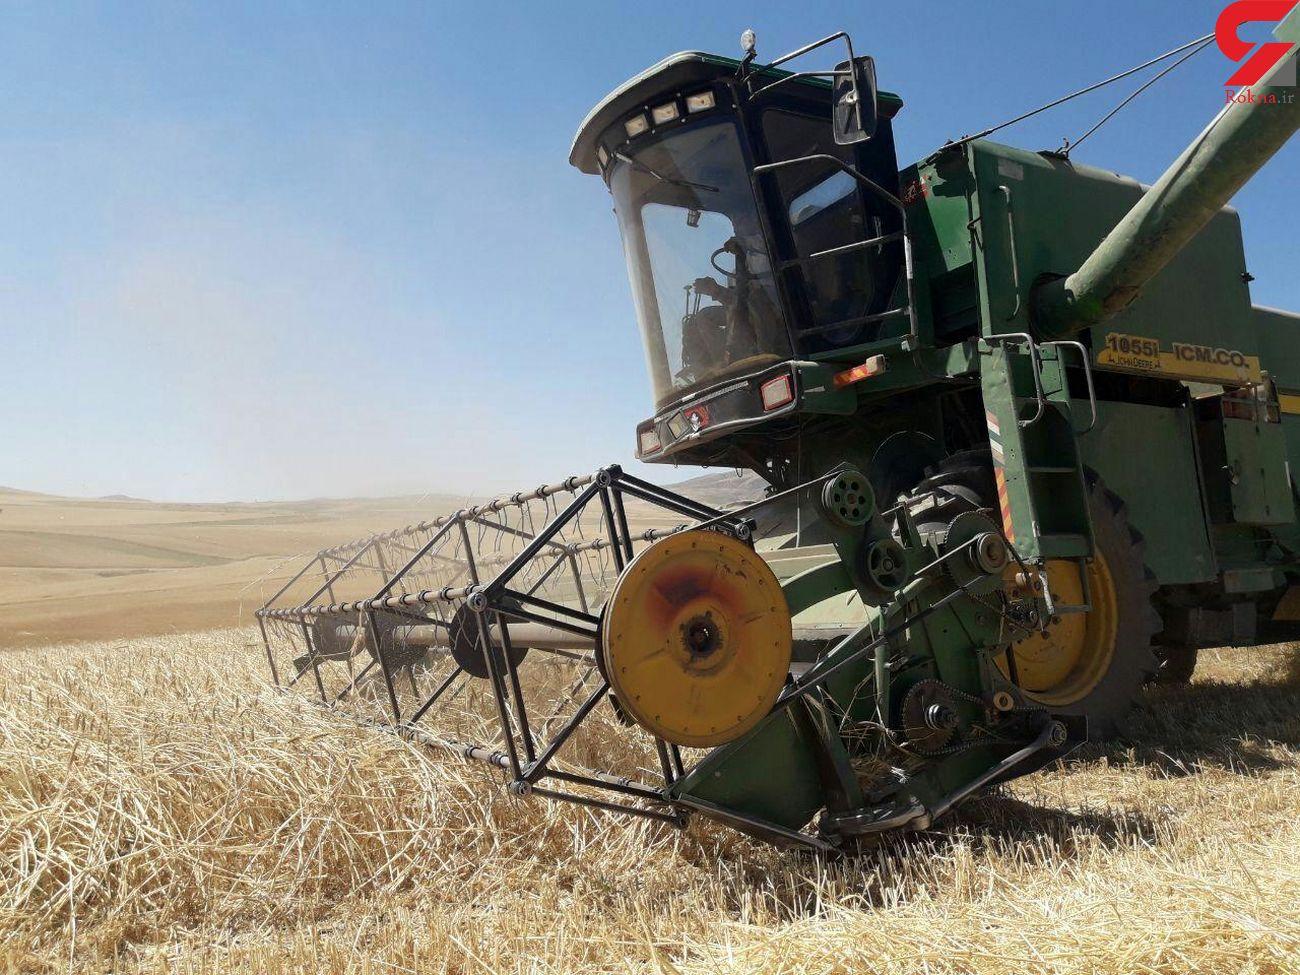 پیش بینی برداشت  ۷۰۰ هزار تن گندم از مزارع آذربایجان شرقی